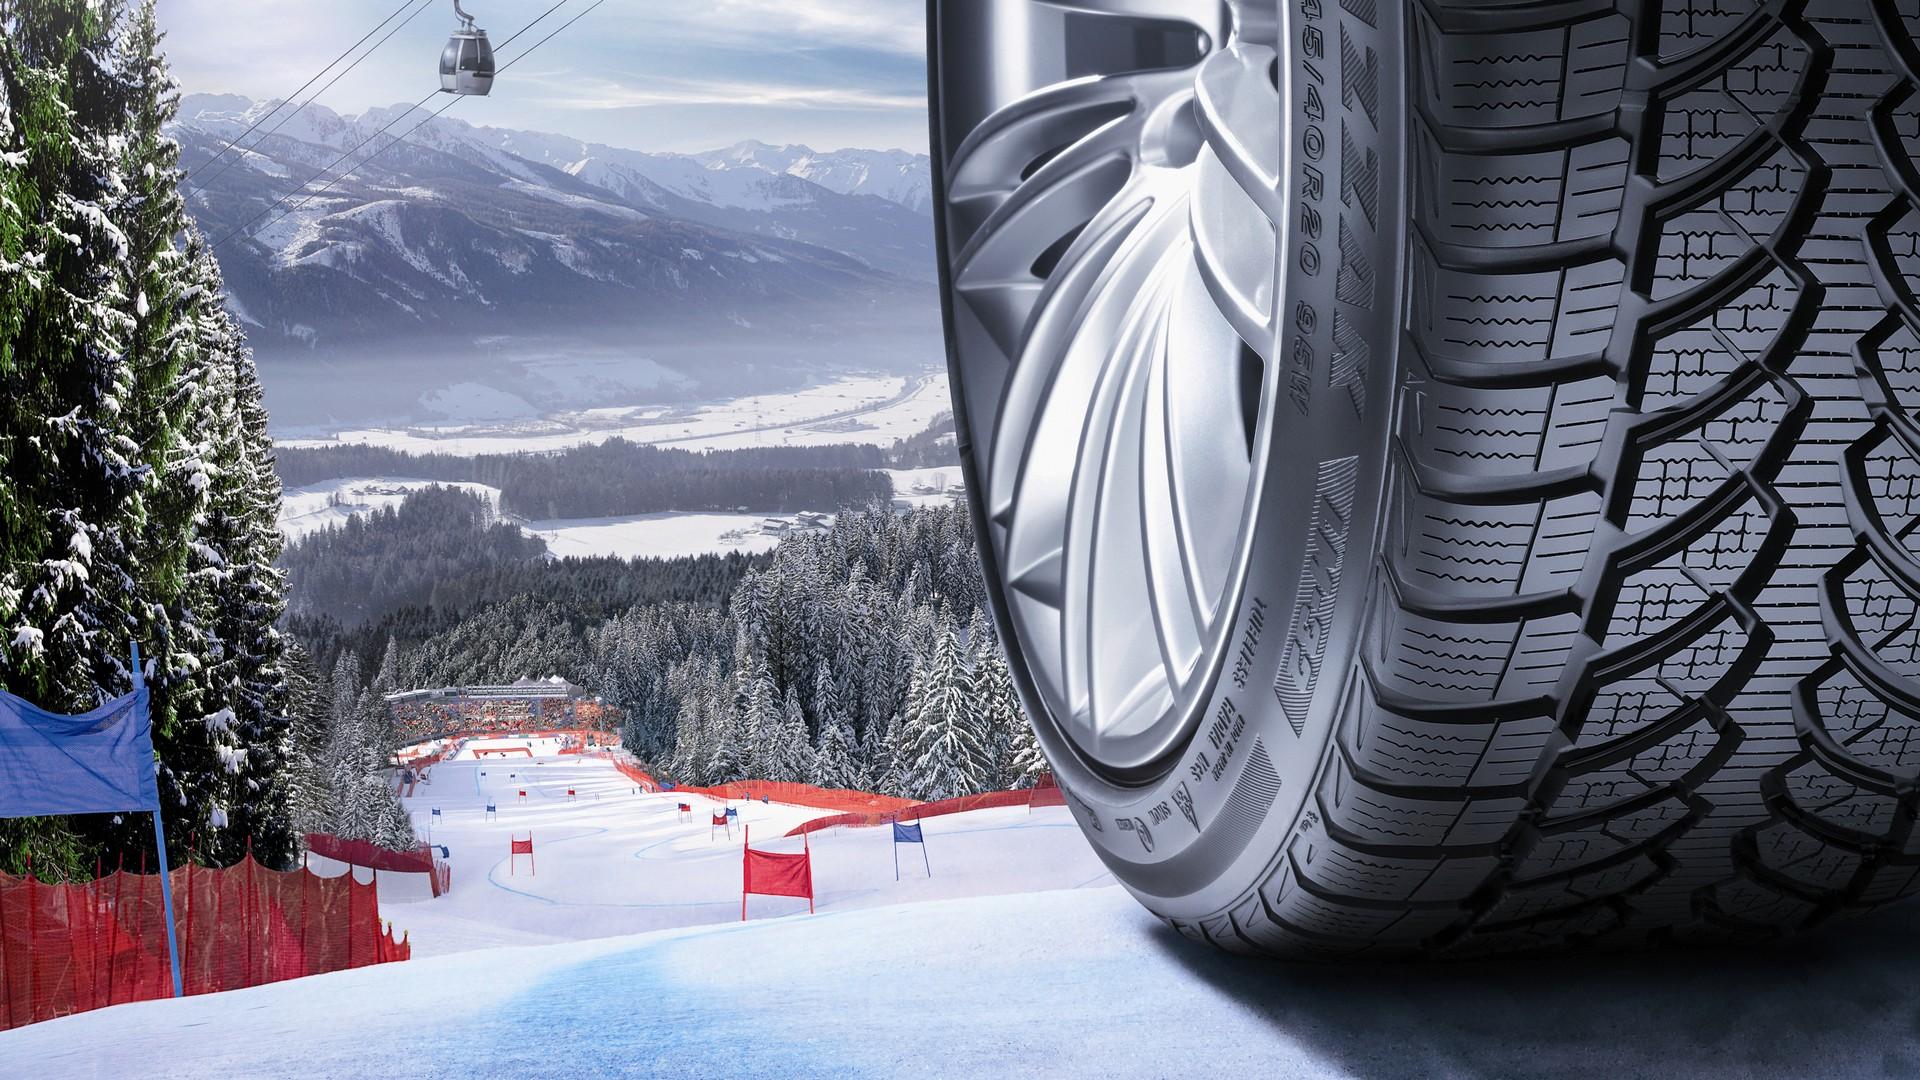 Pneumatico auto su pista da sci per guida sulla neve